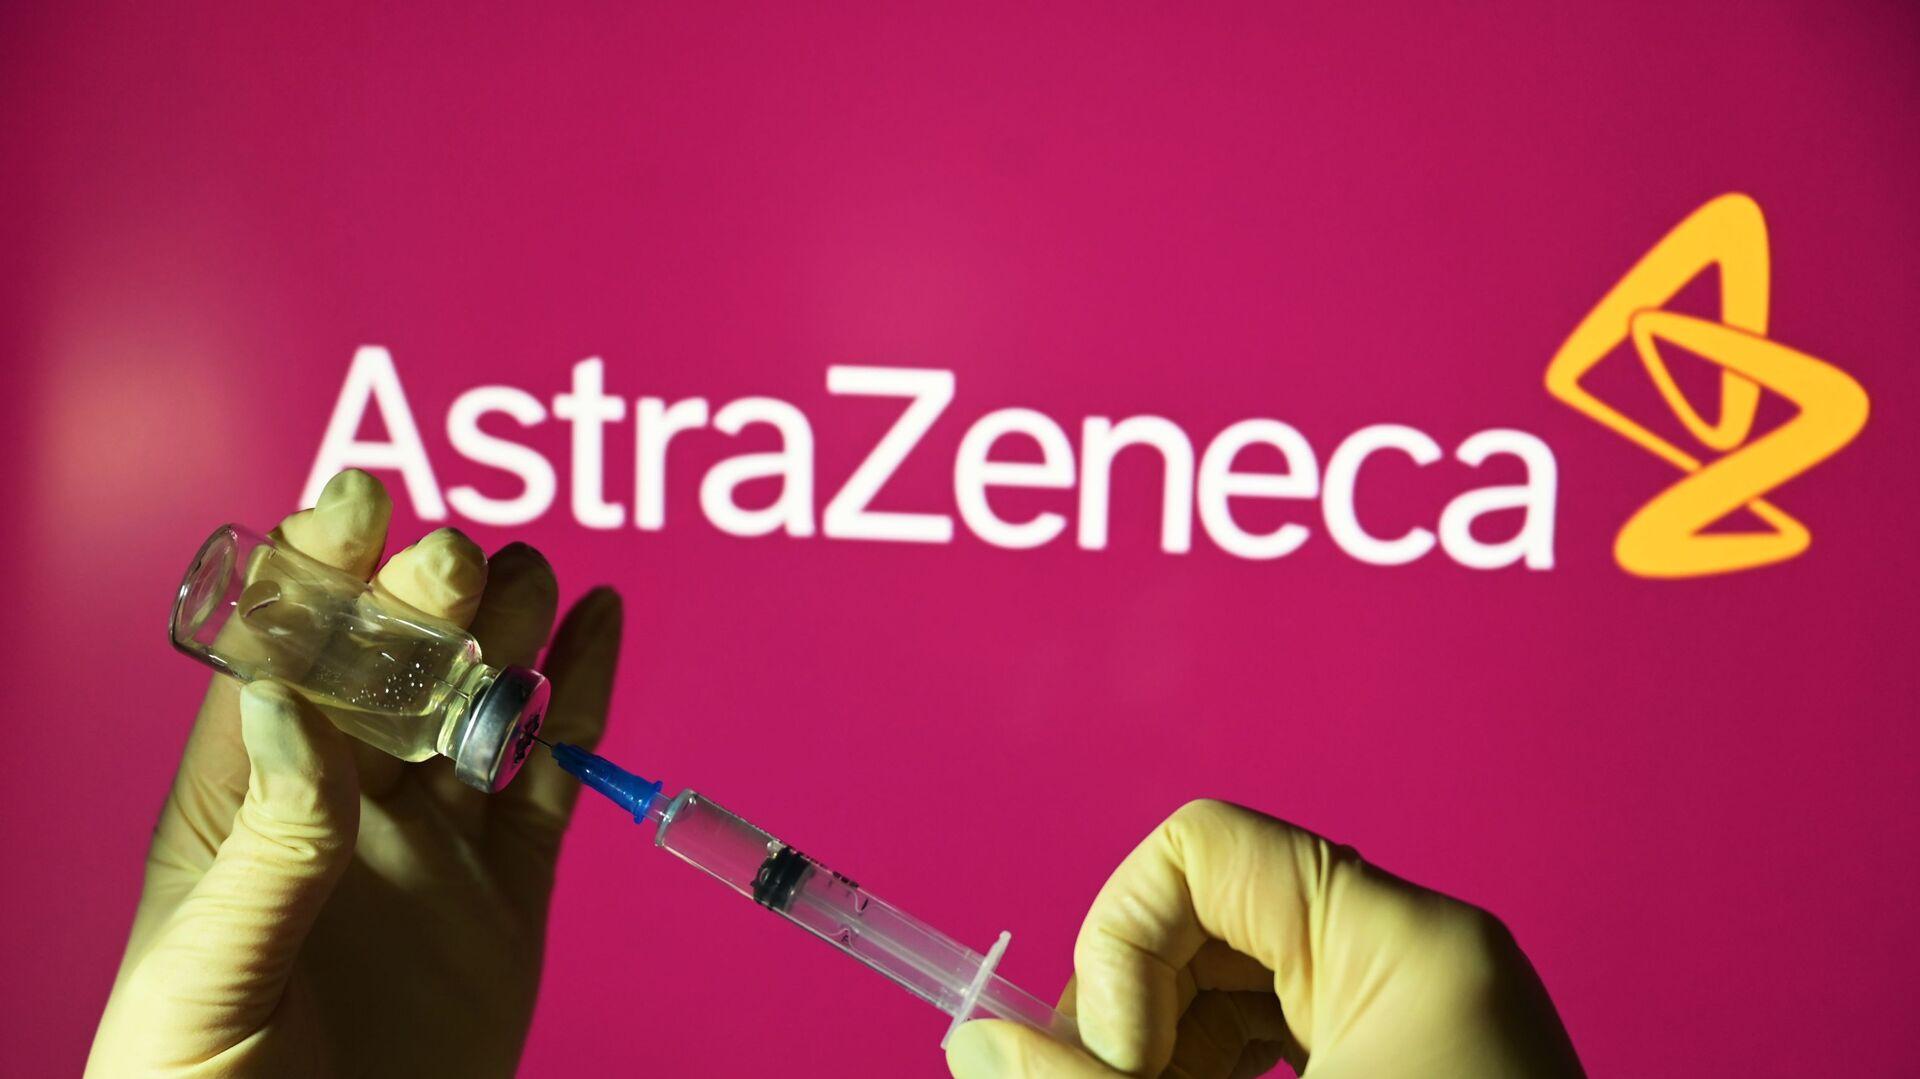 Vakcína od firmy AstraZeneca - Sputnik Česká republika, 1920, 07.04.2021